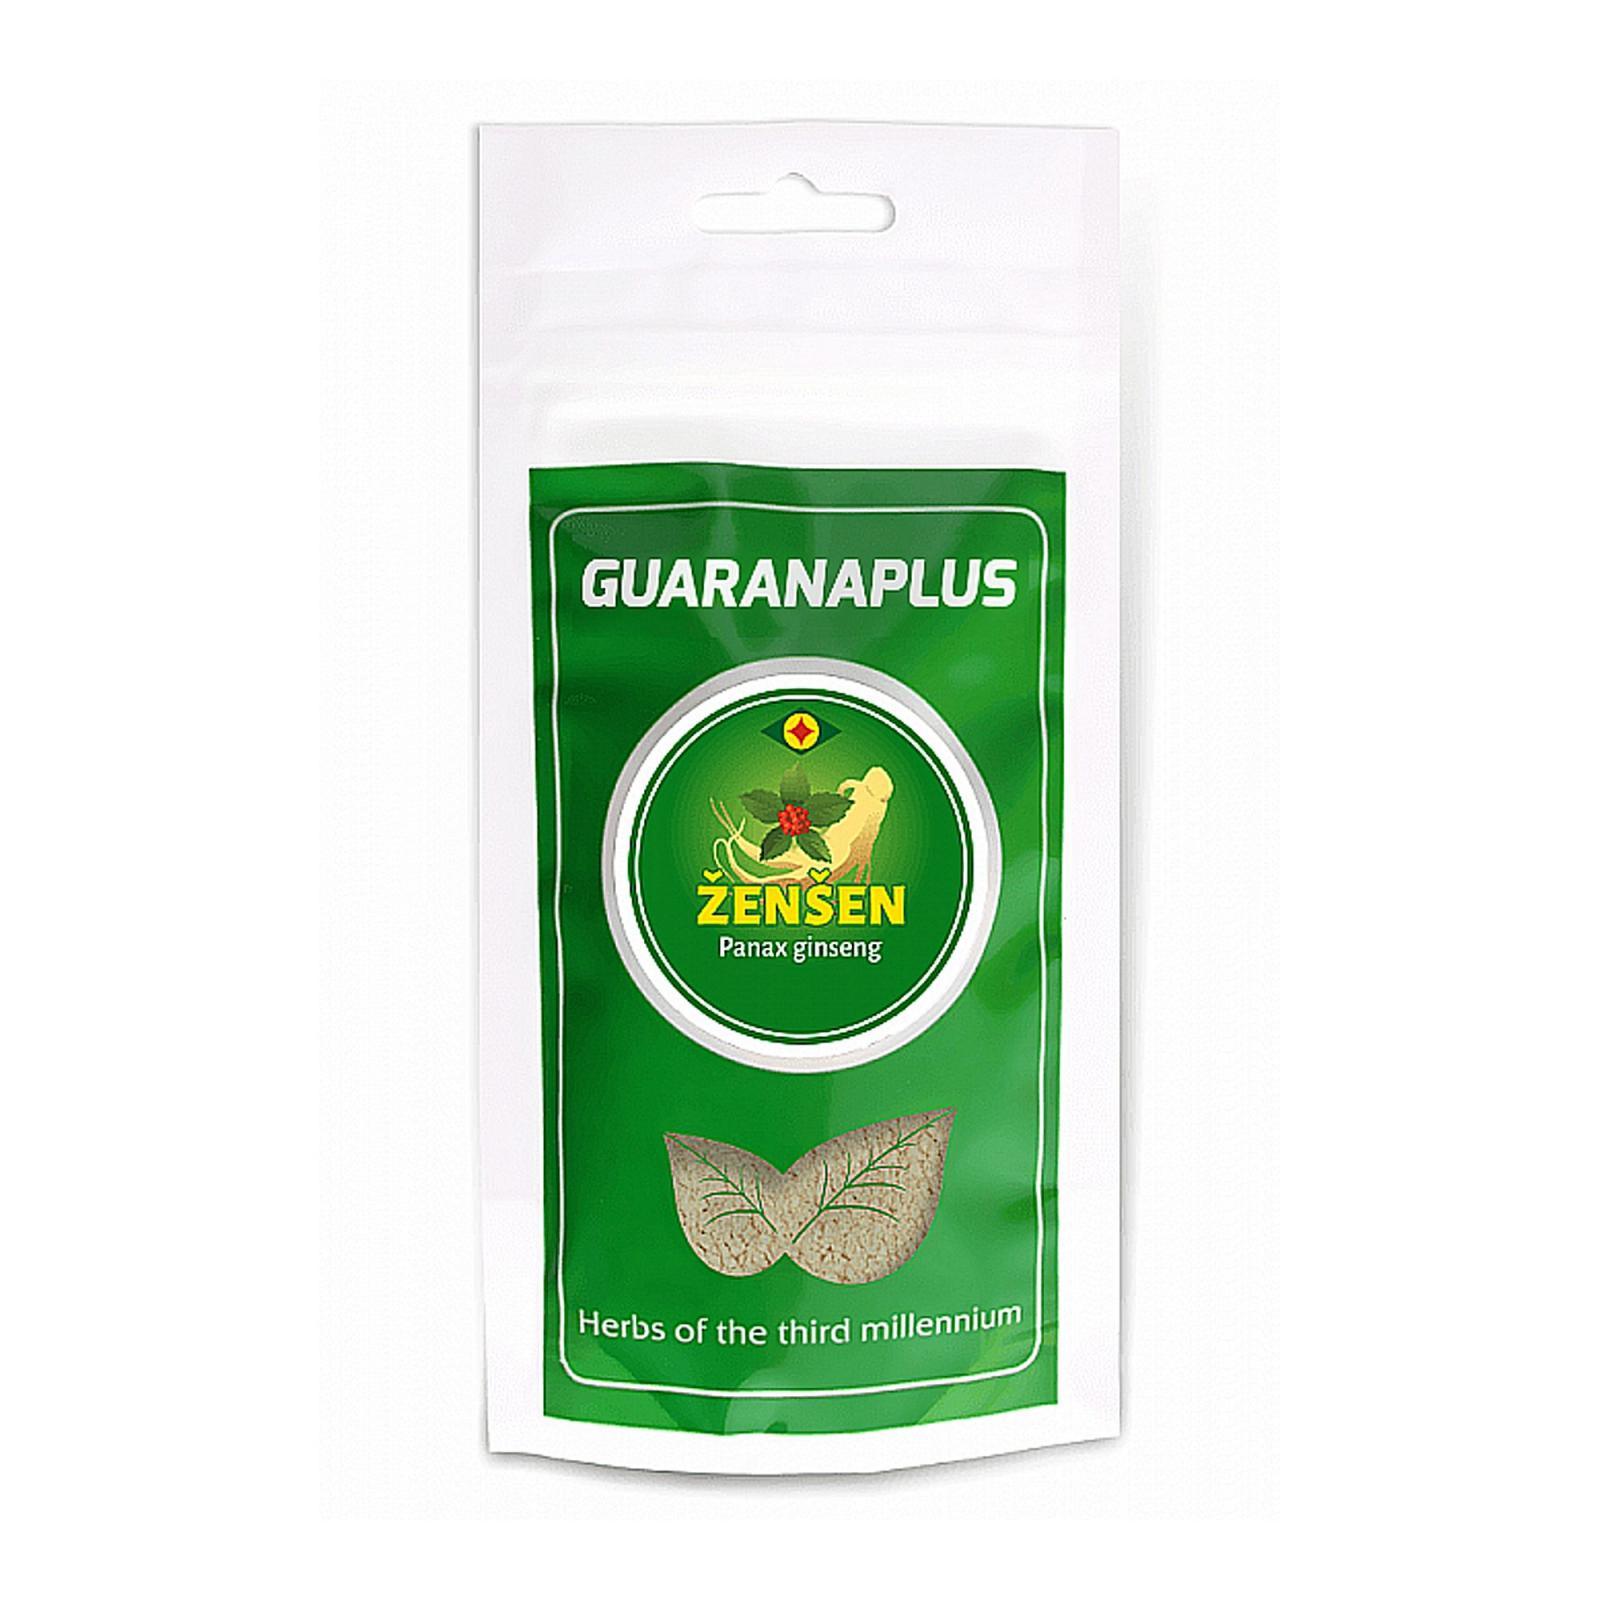 Guaranaplus Ženšen pravý, prášek 50 g